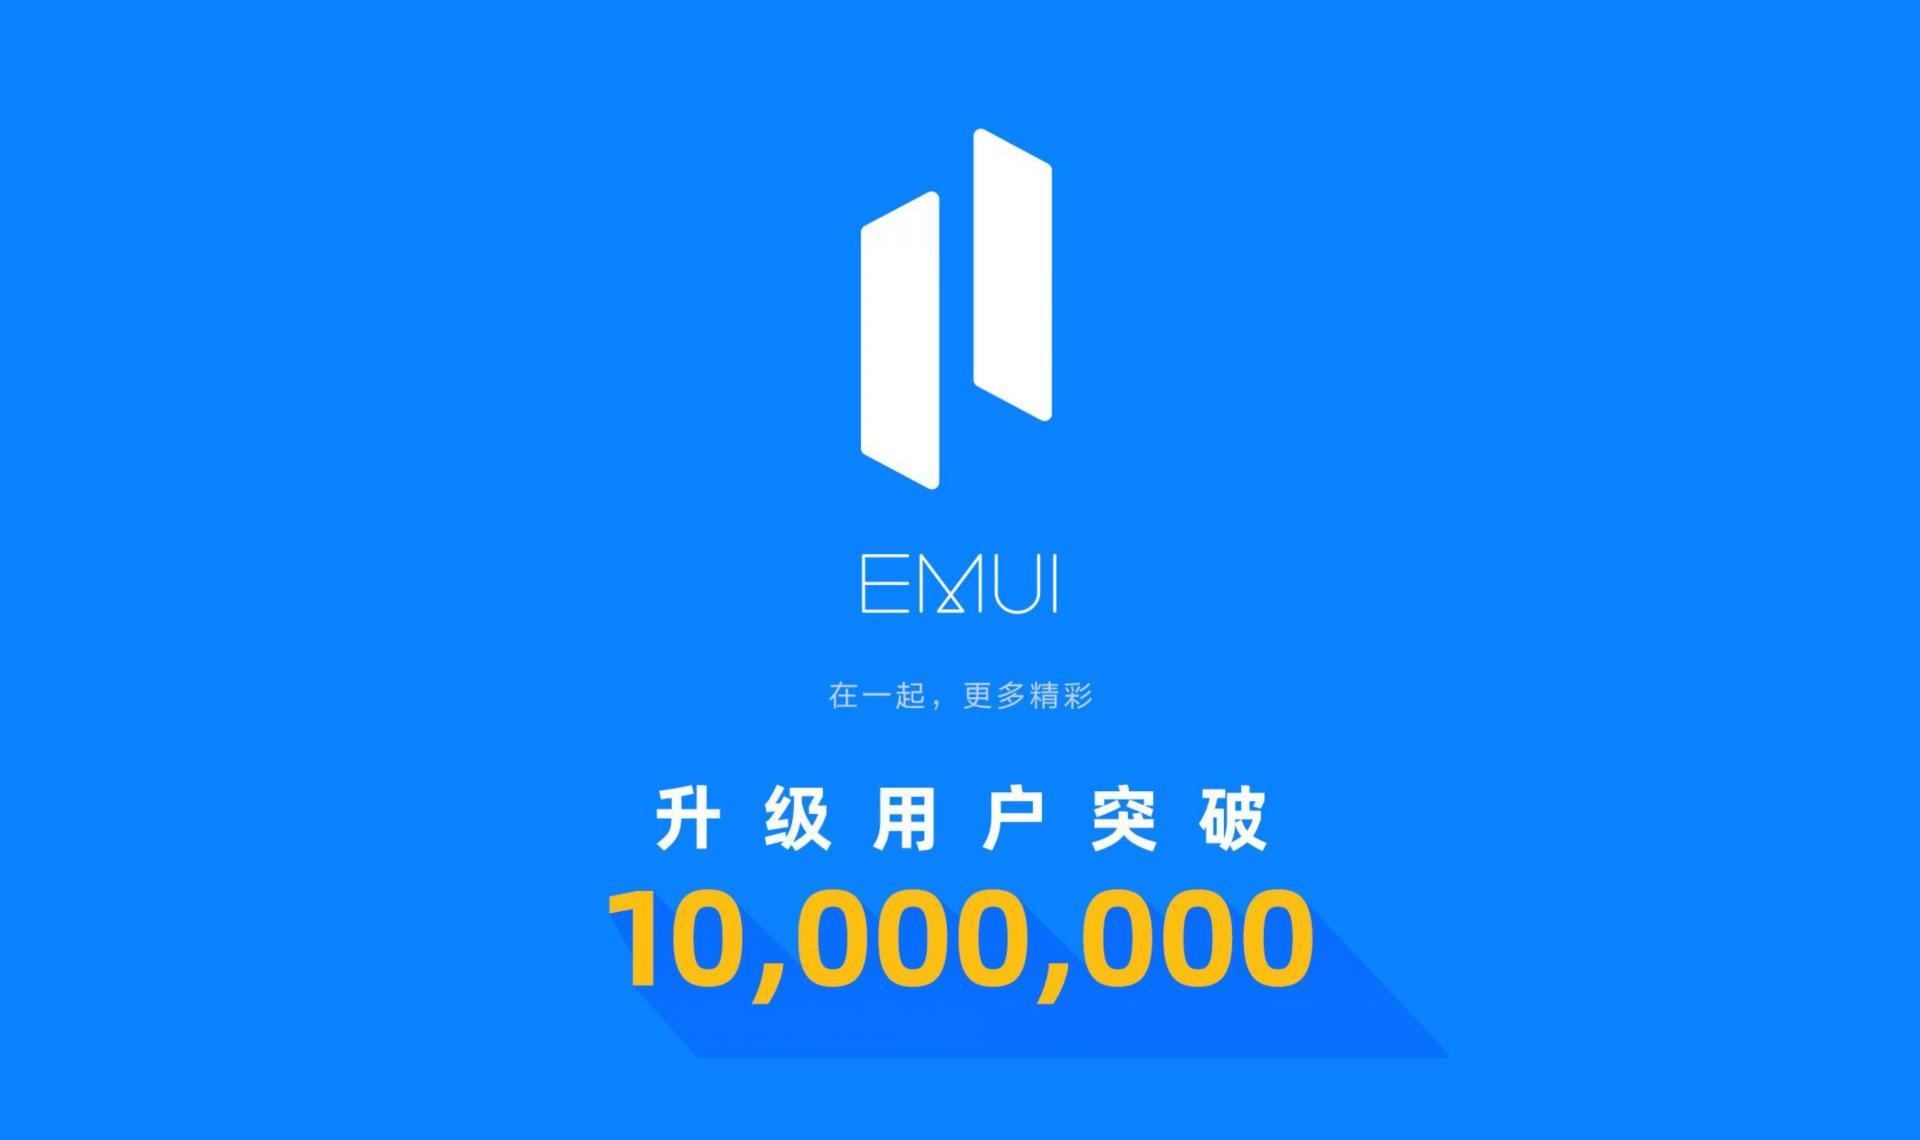 EMUI 11 активнауже уболее 10 миллионов пользователей